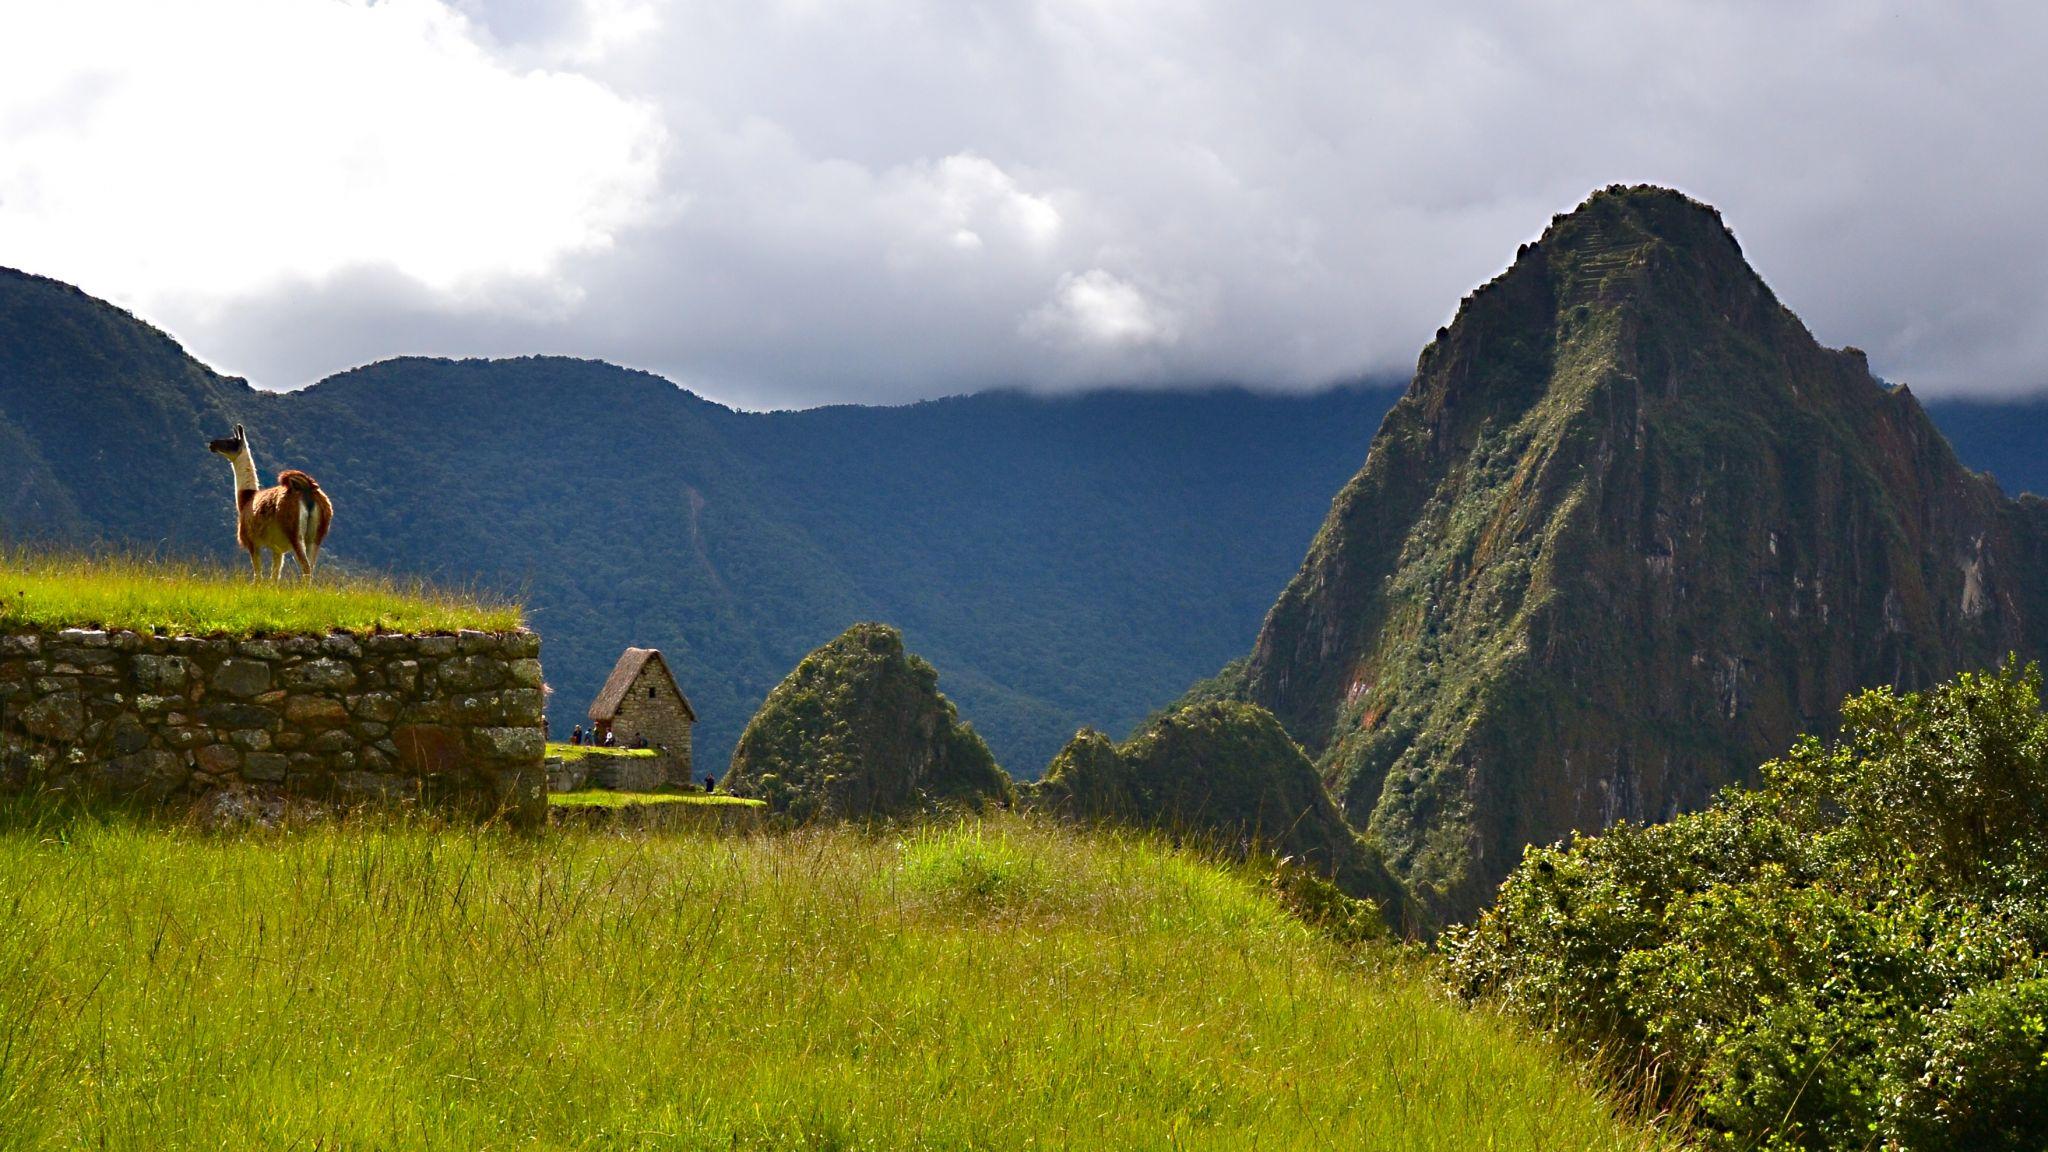 The king of Machu Picchu, Peru